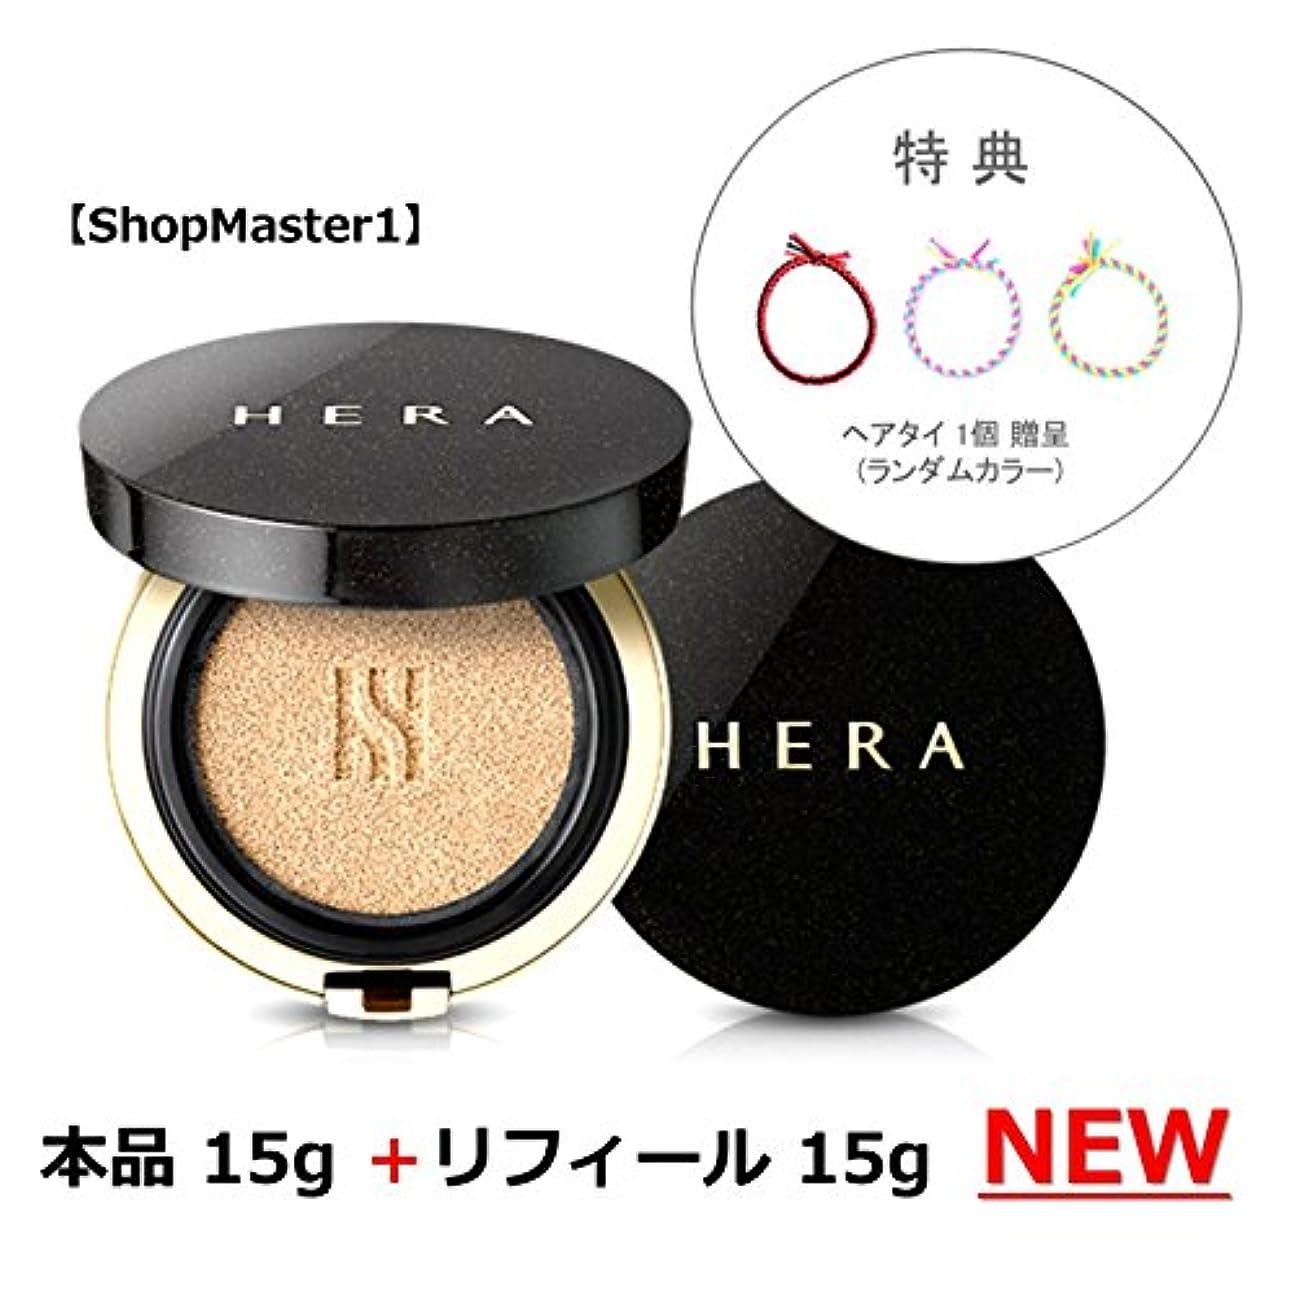 【NEW】【Hera ヘラ】ブラッククッション SPF34/PA++ 本品15g+リフィール15g / Black Cushion SPF34/PA++ 15g+Refil15g / 海外直送品 / 特典 ヘアタイ贈呈...